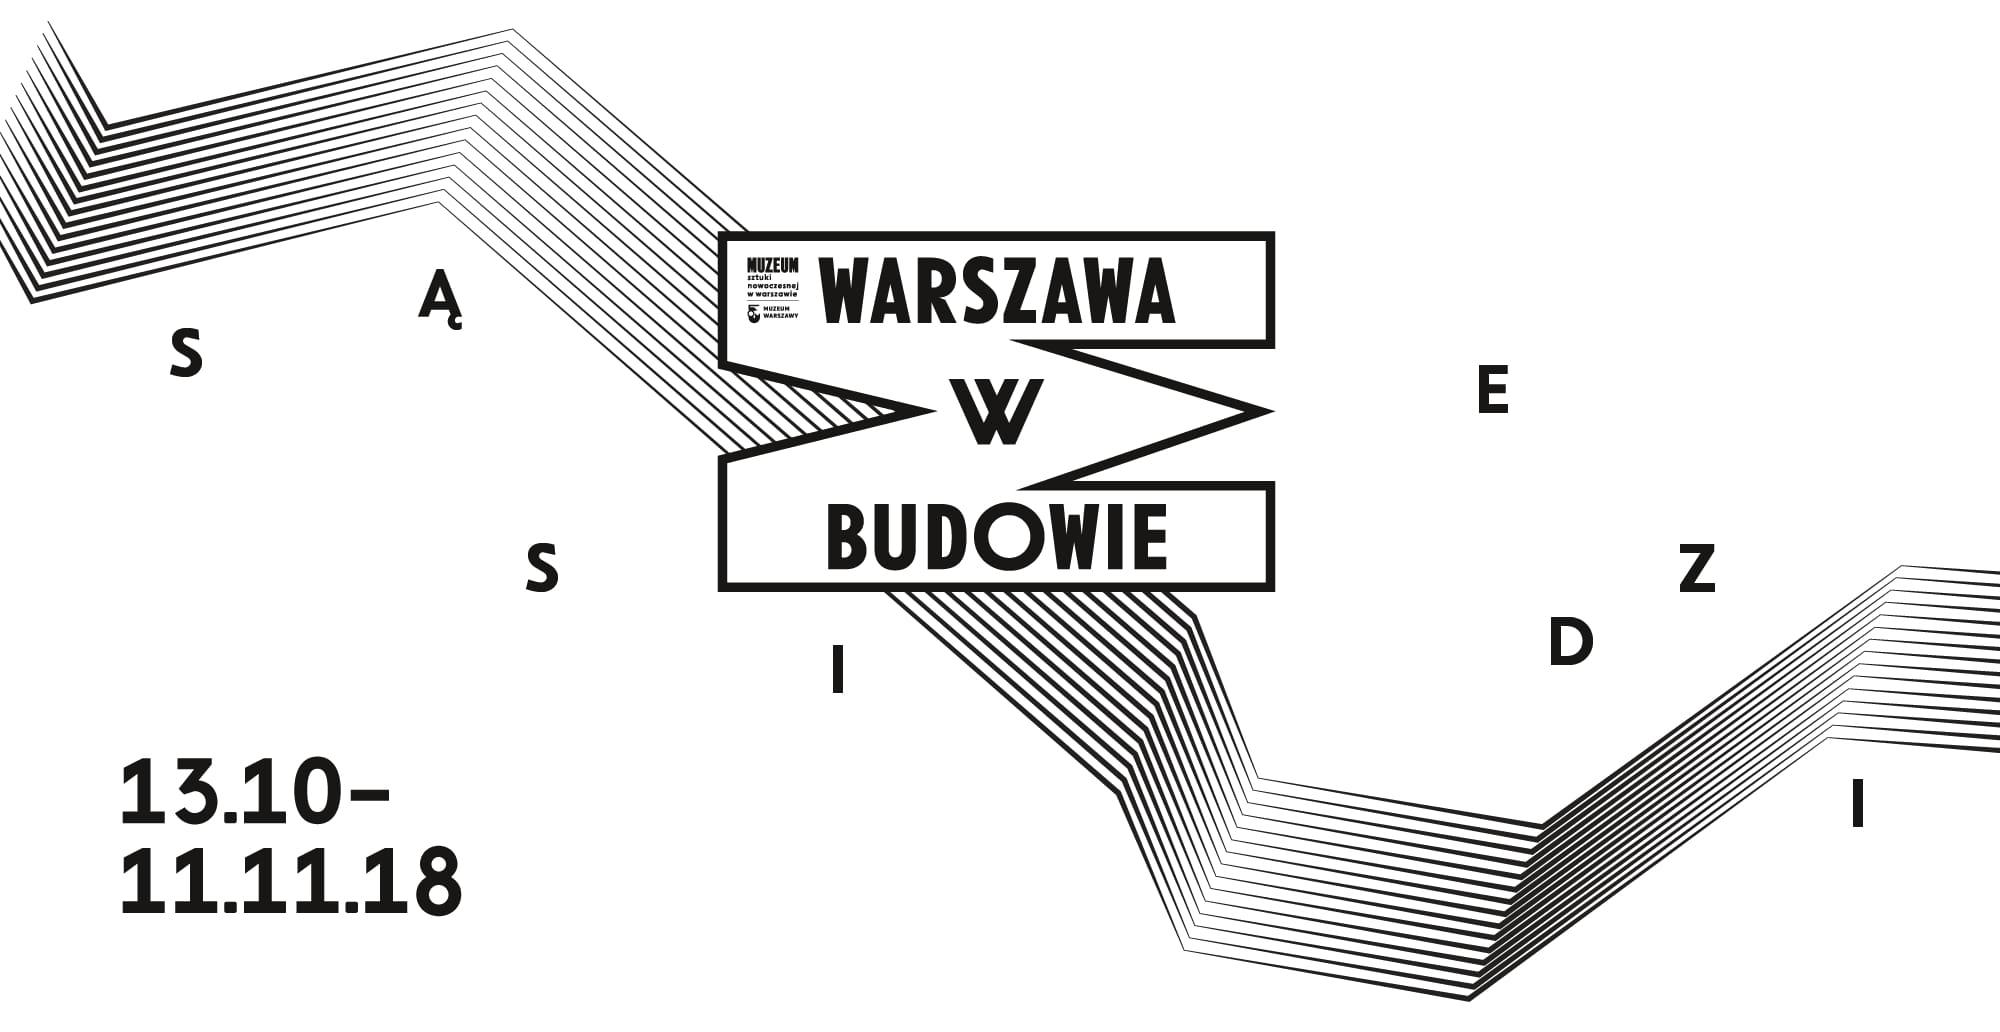 """""""Warszawa w budowie. Sąsiedzi"""", Muzeum Sztuki Nowoczesnej w Warszawie i Muzeum Warszawy (źródło: materiały prasowe organizatorów)"""